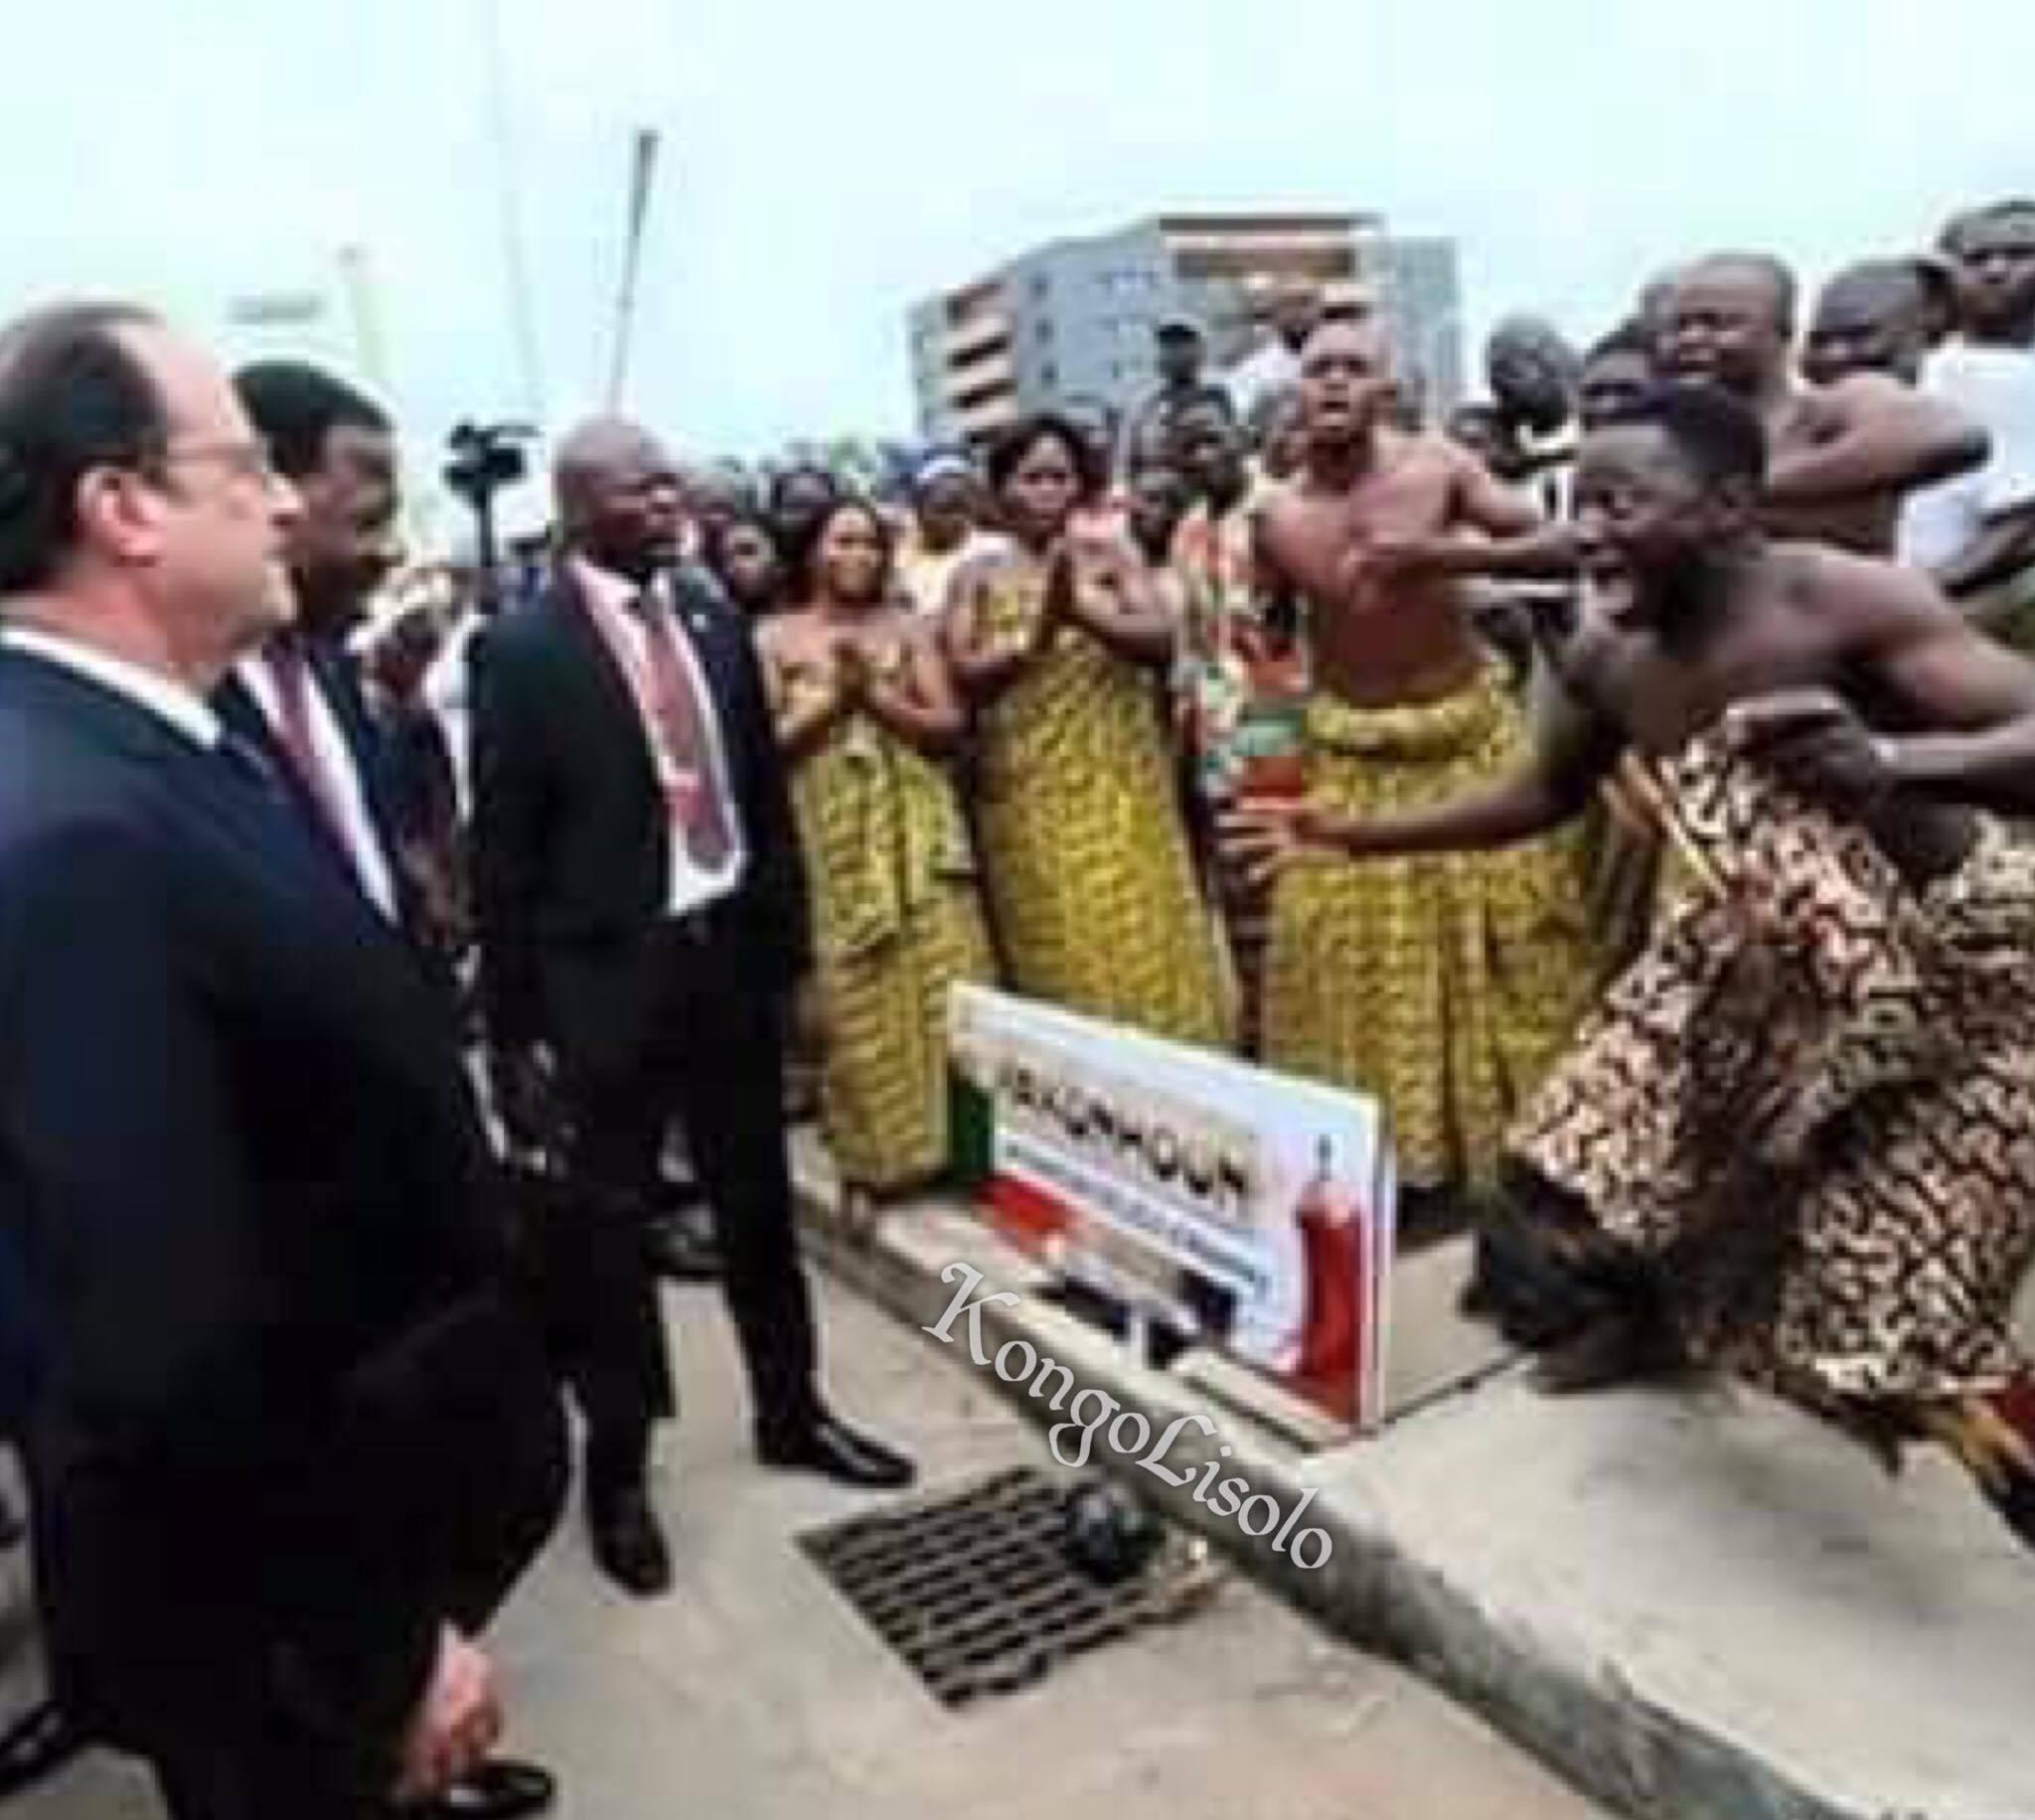 Le maître reçu par ses sujets de l'Enclos colonial Bénin, tout comme au bon vieux temps de l'Empire colonial